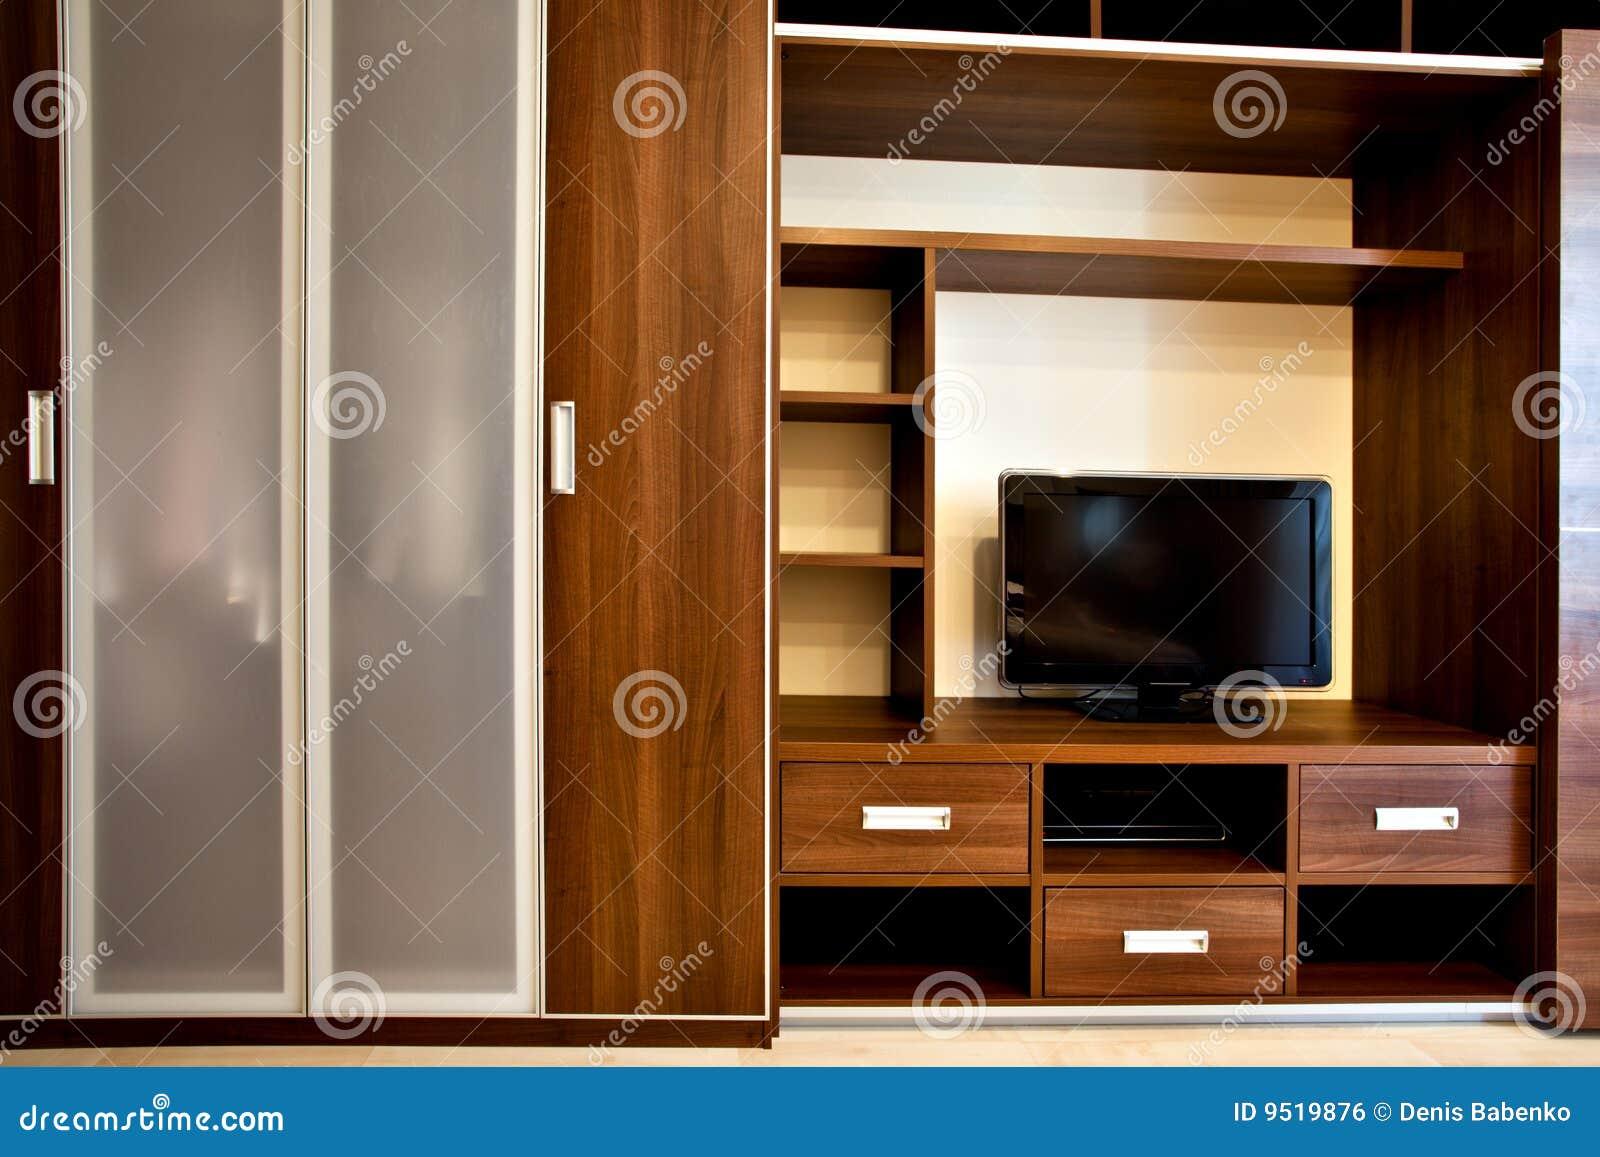 Estante para libros y guardarropa modernos foto de archivo - Estantes para libros ...